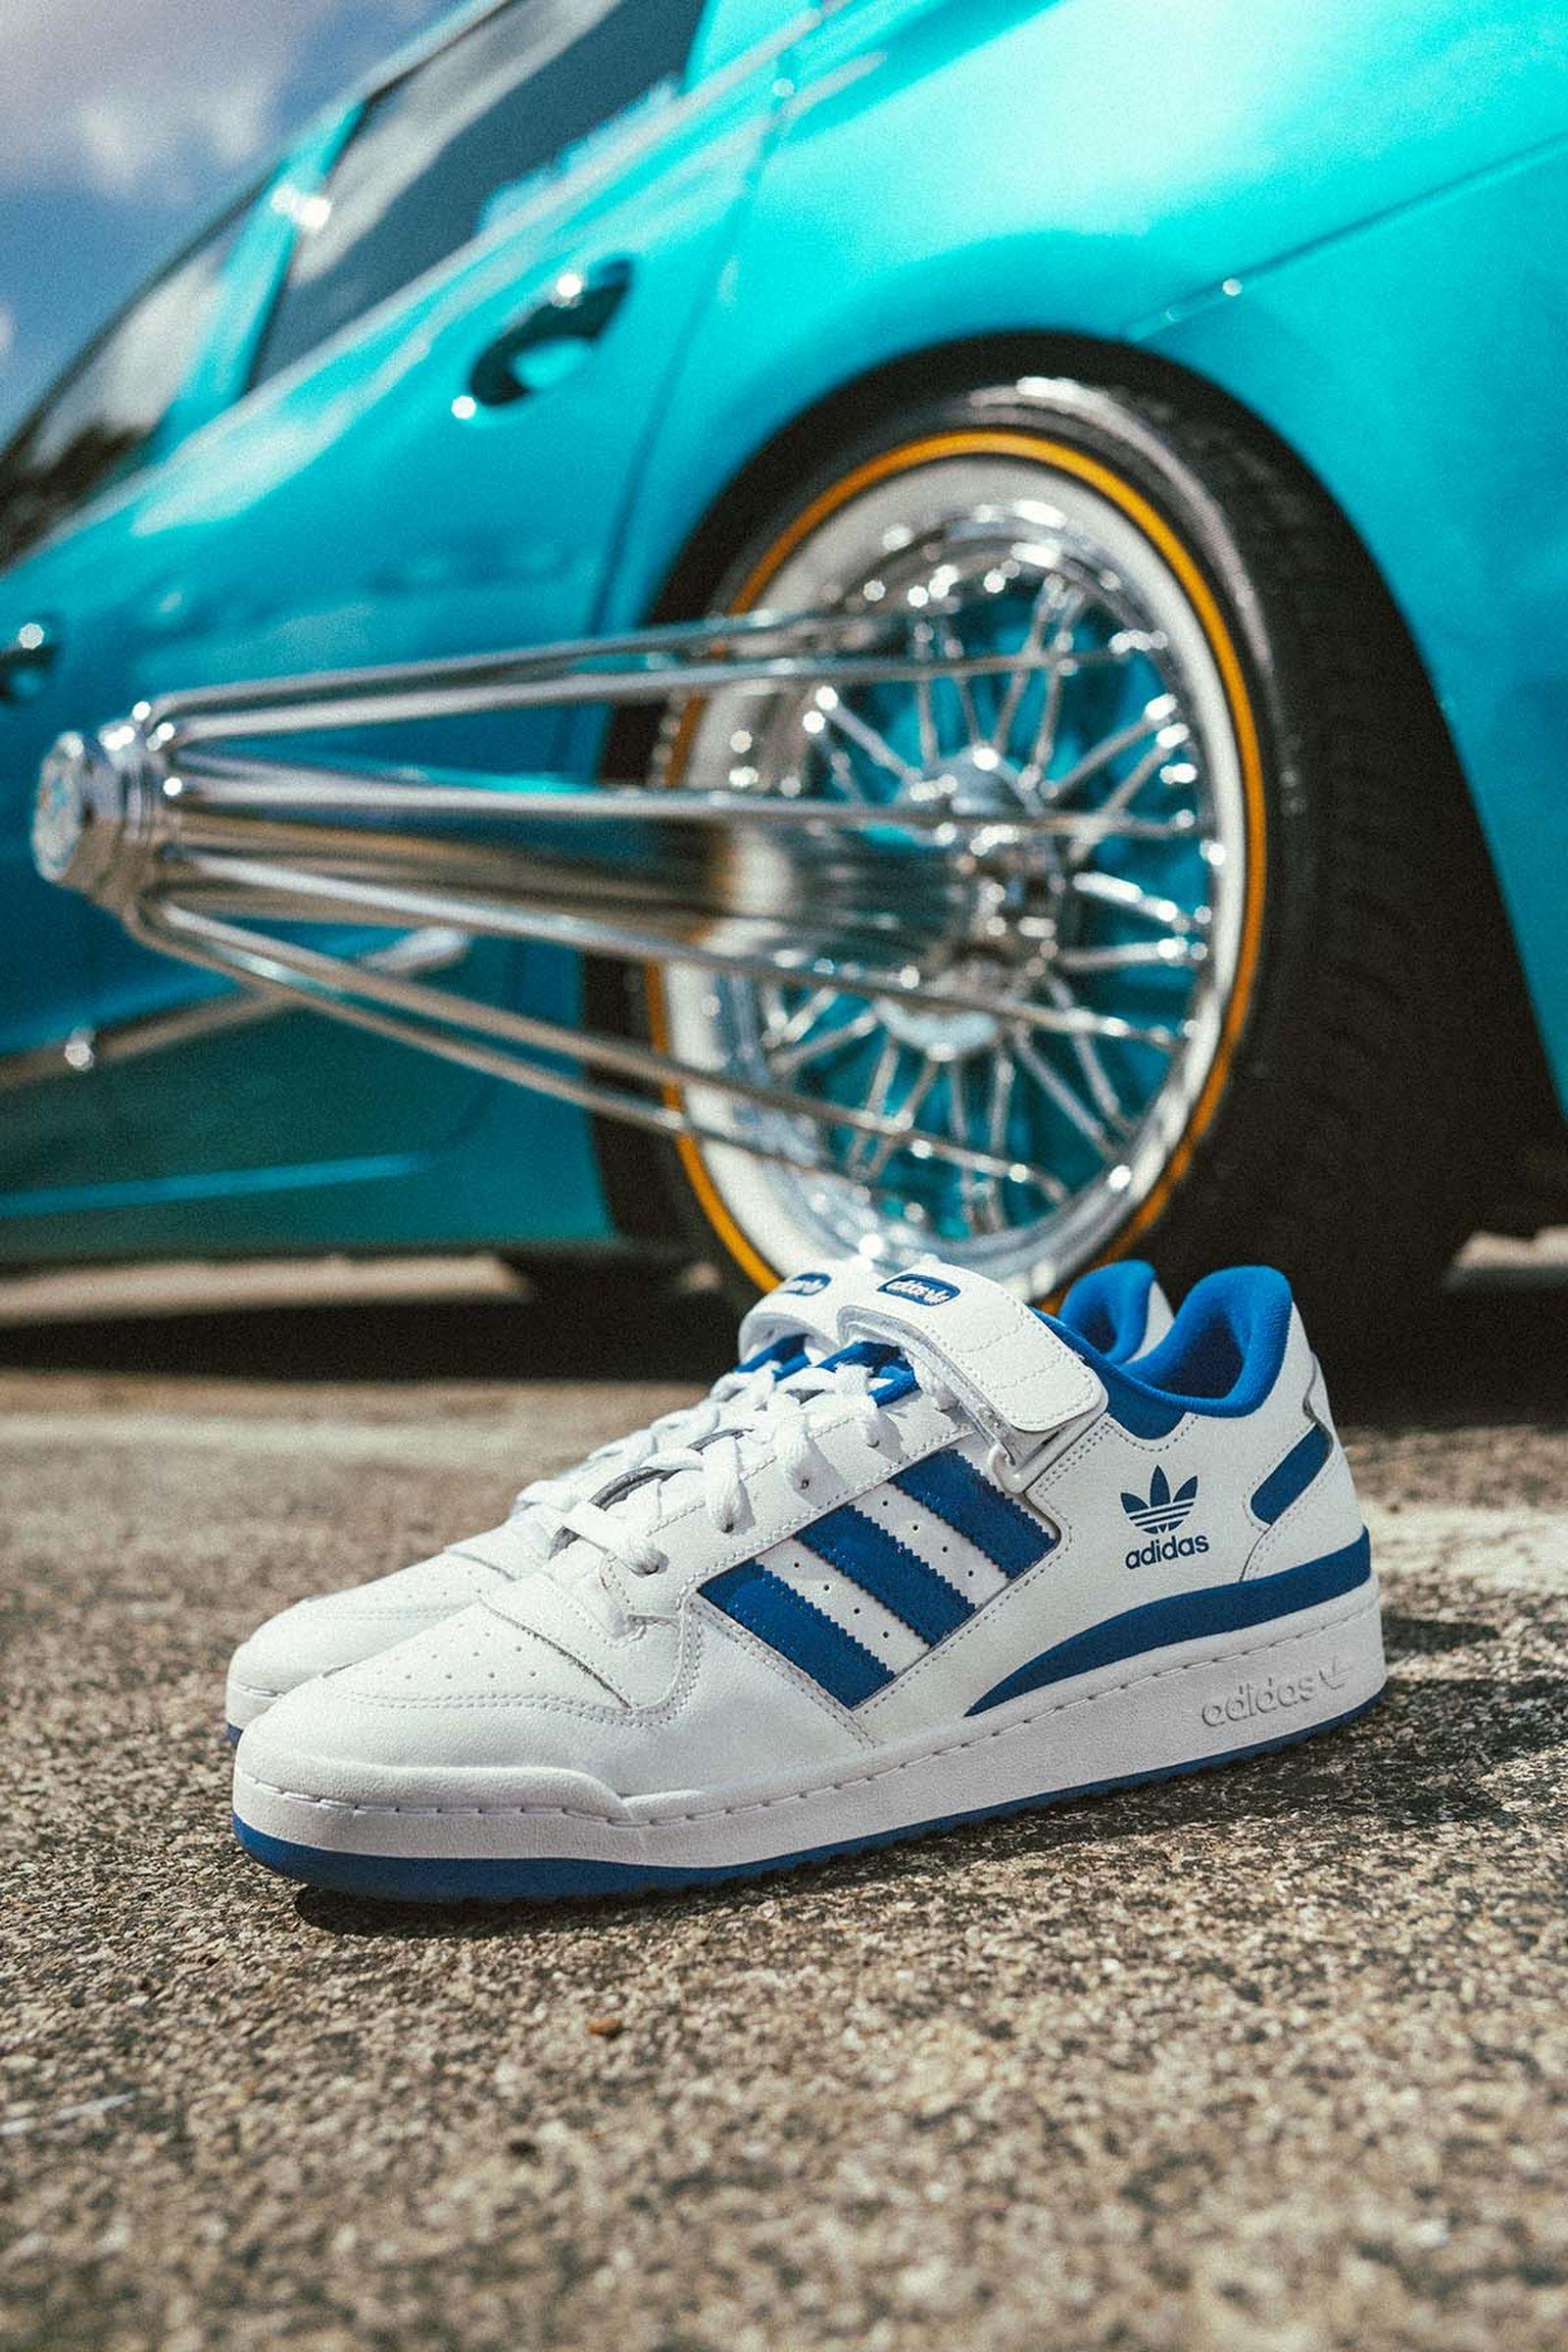 Adidas-Houston-07